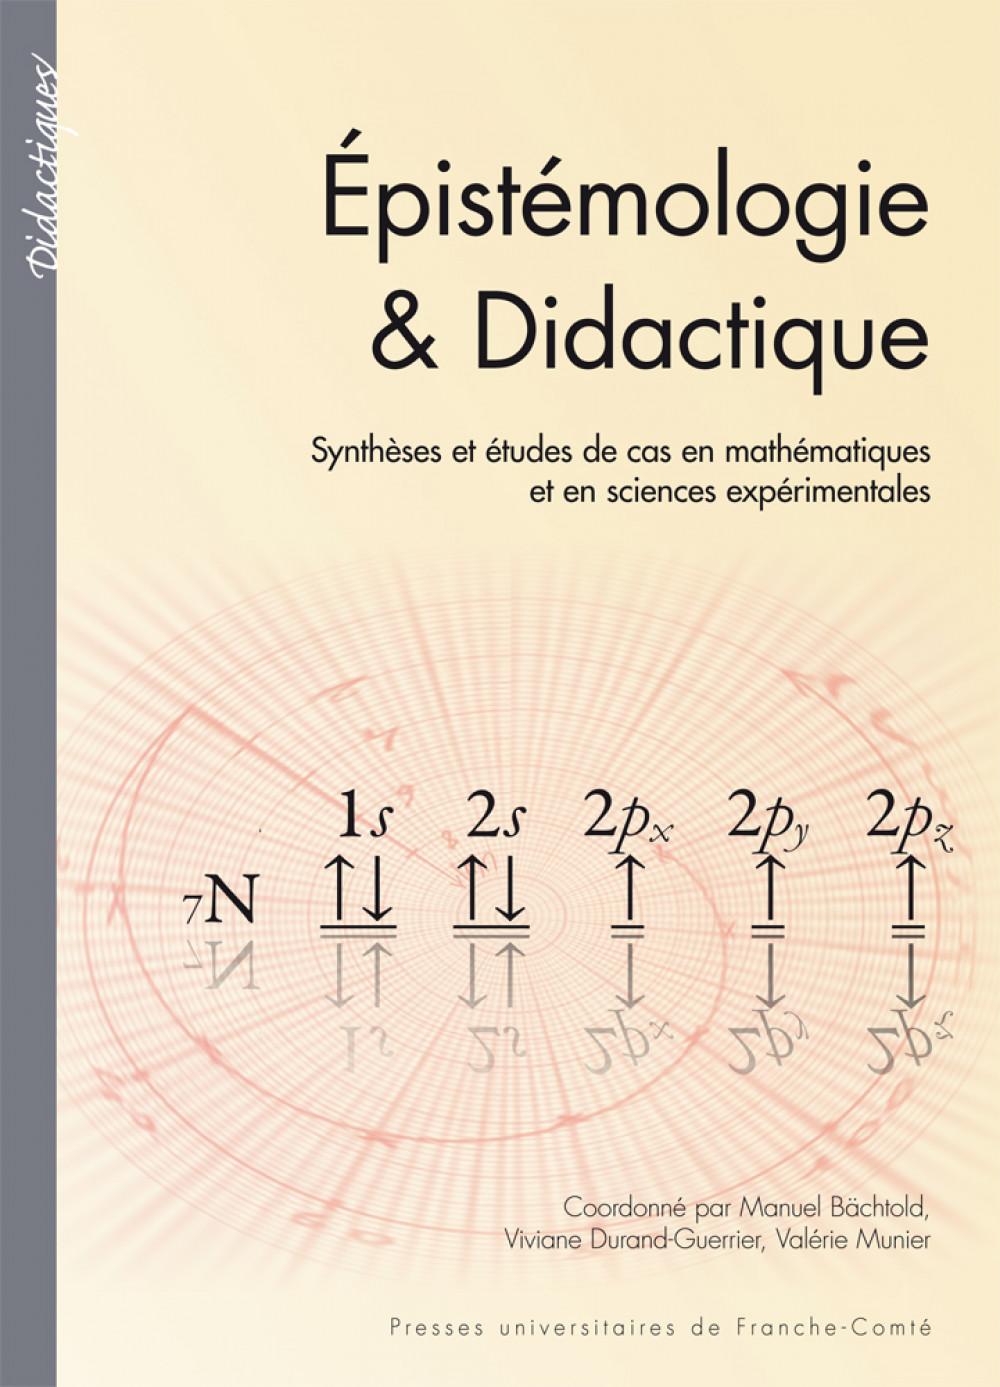 Epistémologie & didactique